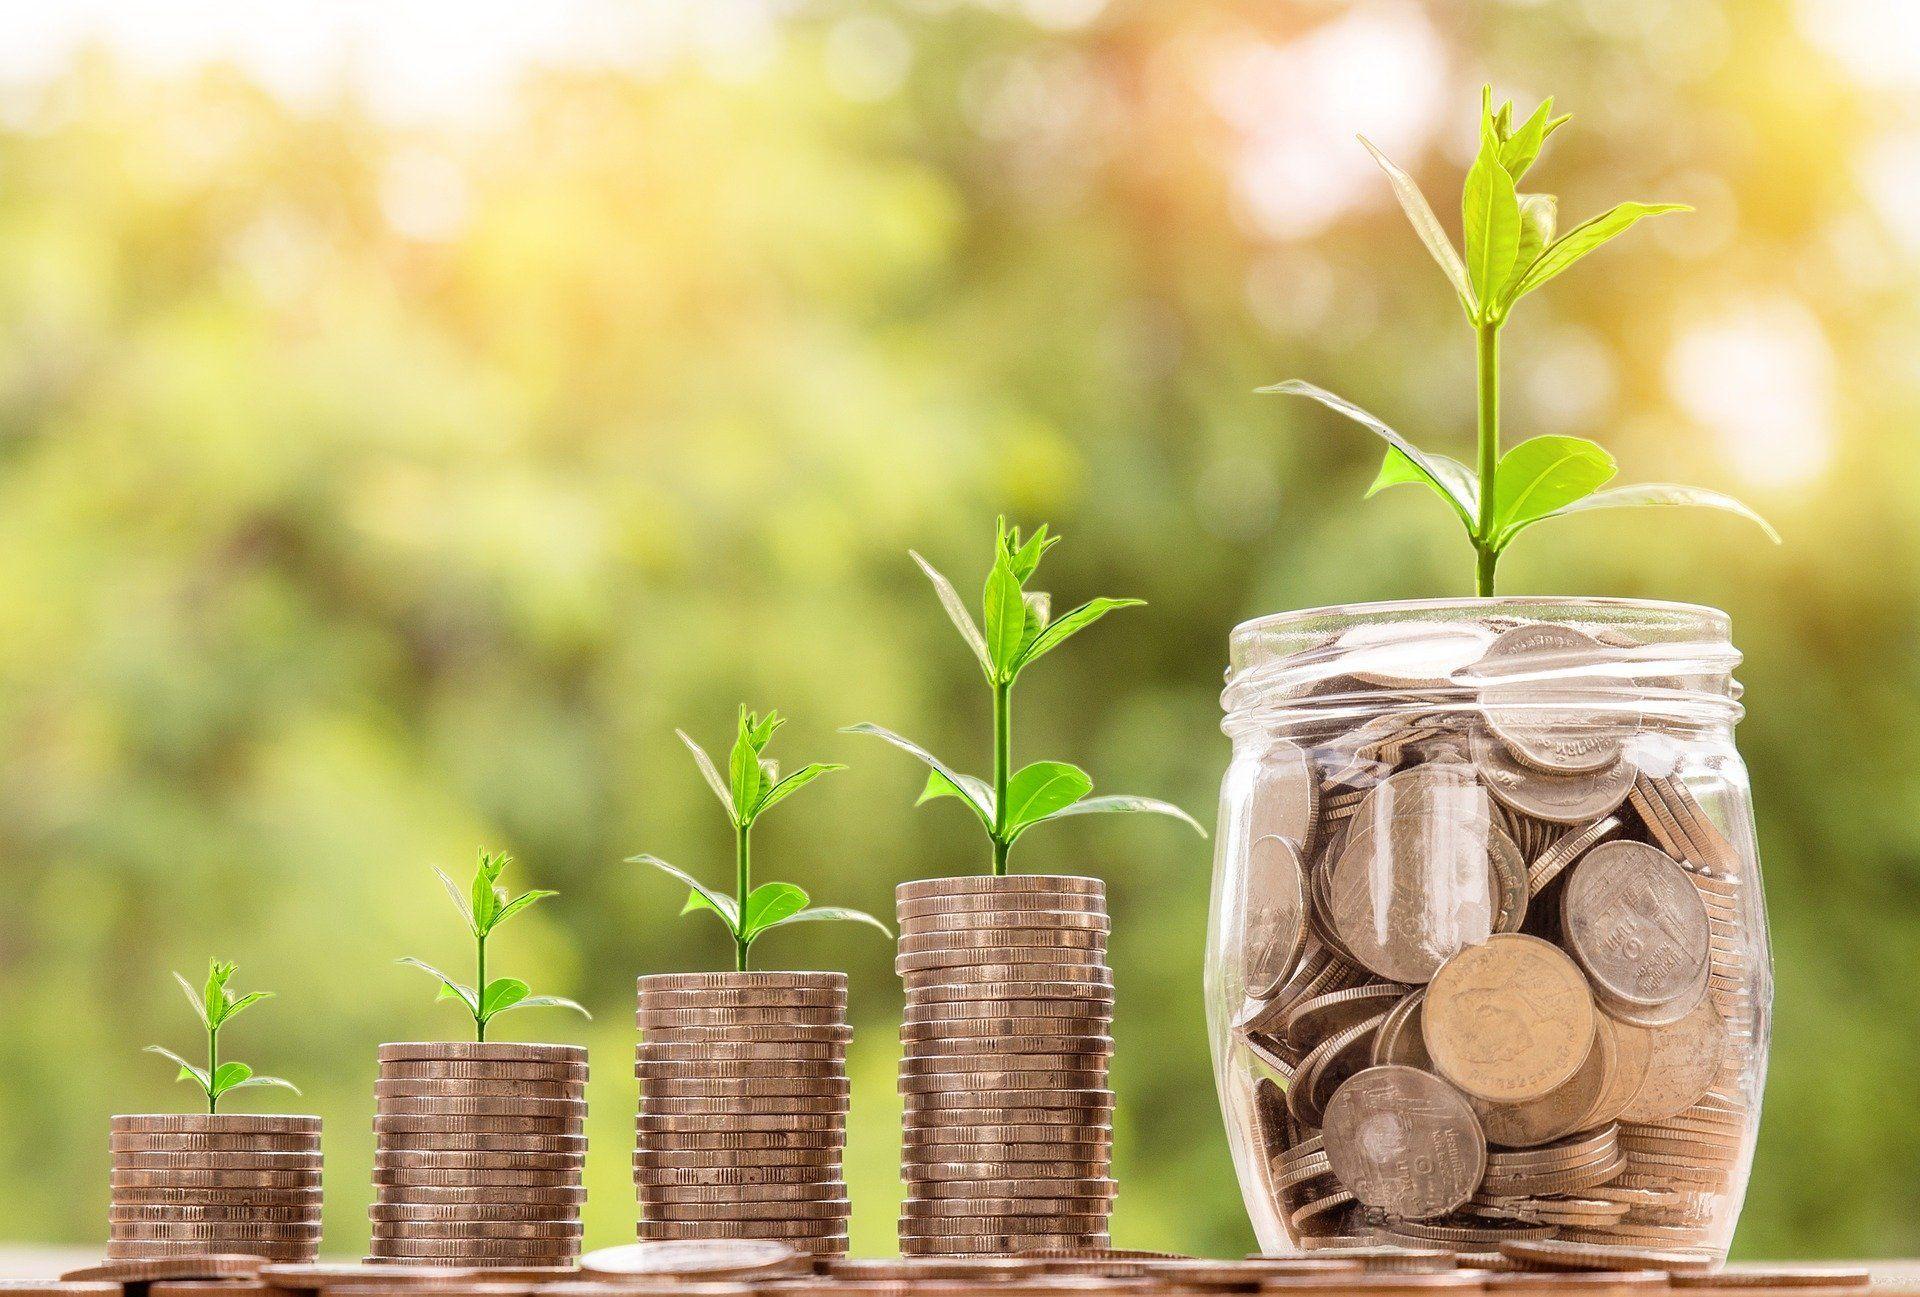 På udkig efter et lån? – Indhent altid flere tilbud